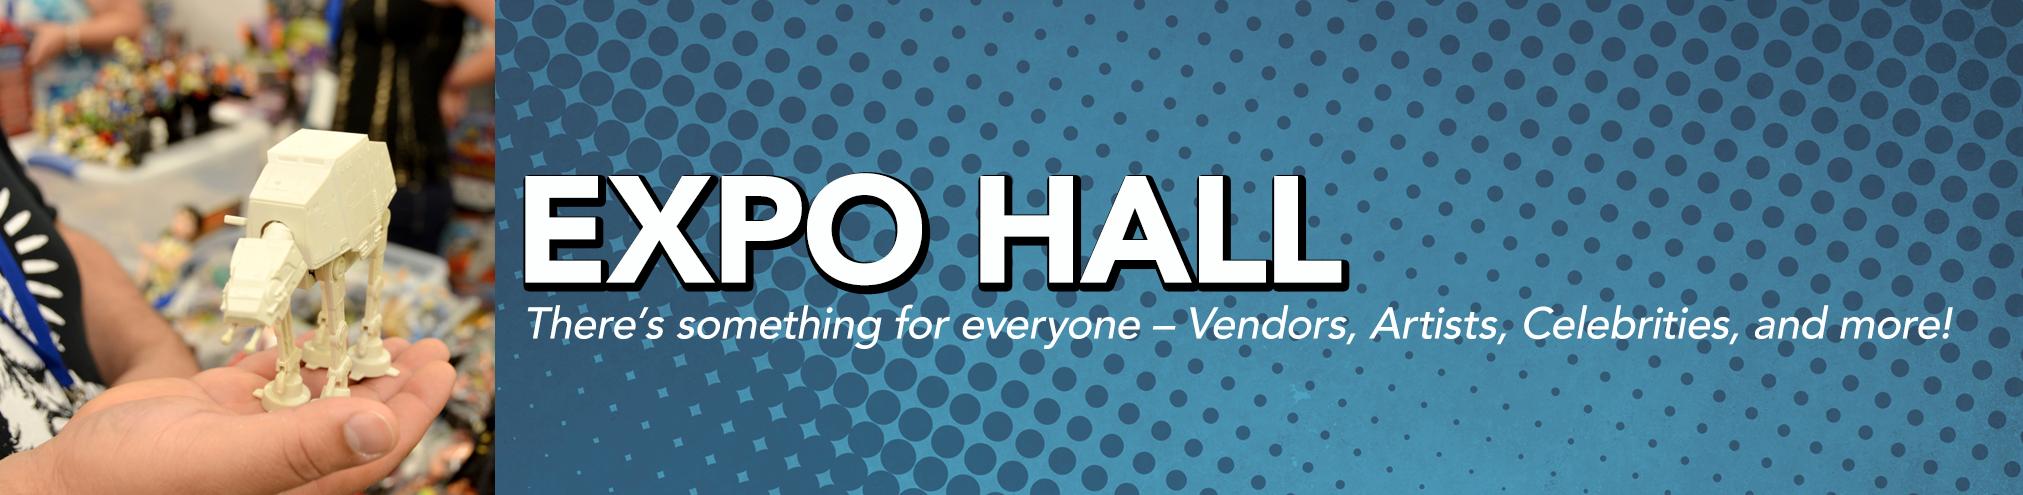 2018 expo hall